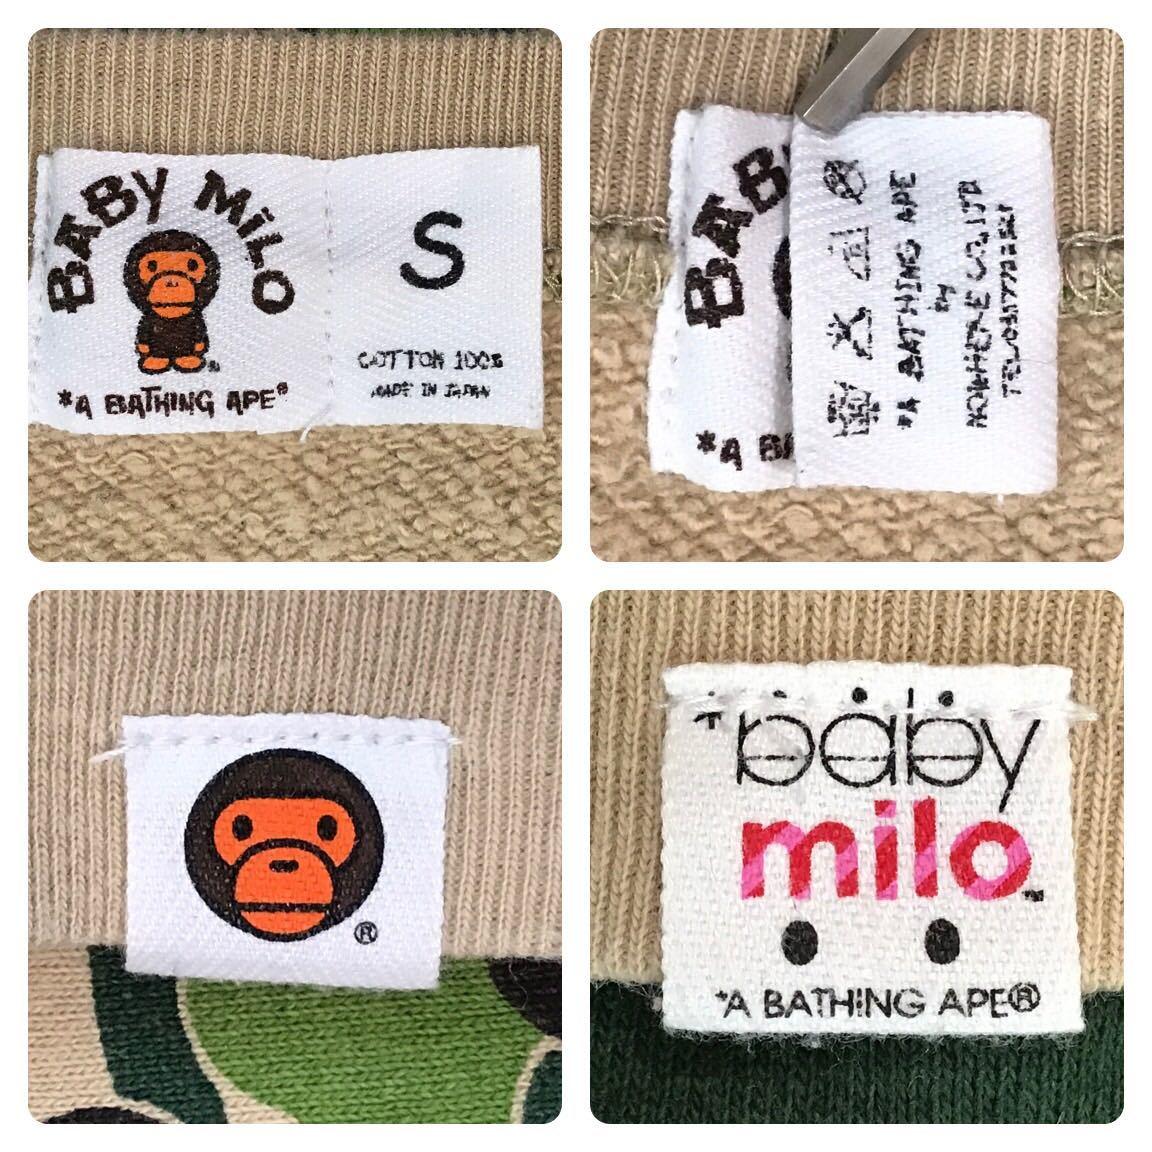 ABC milo camo green crazy 長袖スウェット Sサイズ a bathing ape bape sweat エイプ ベイプ アベイシングエイプ ABCカモ 迷彩 3532